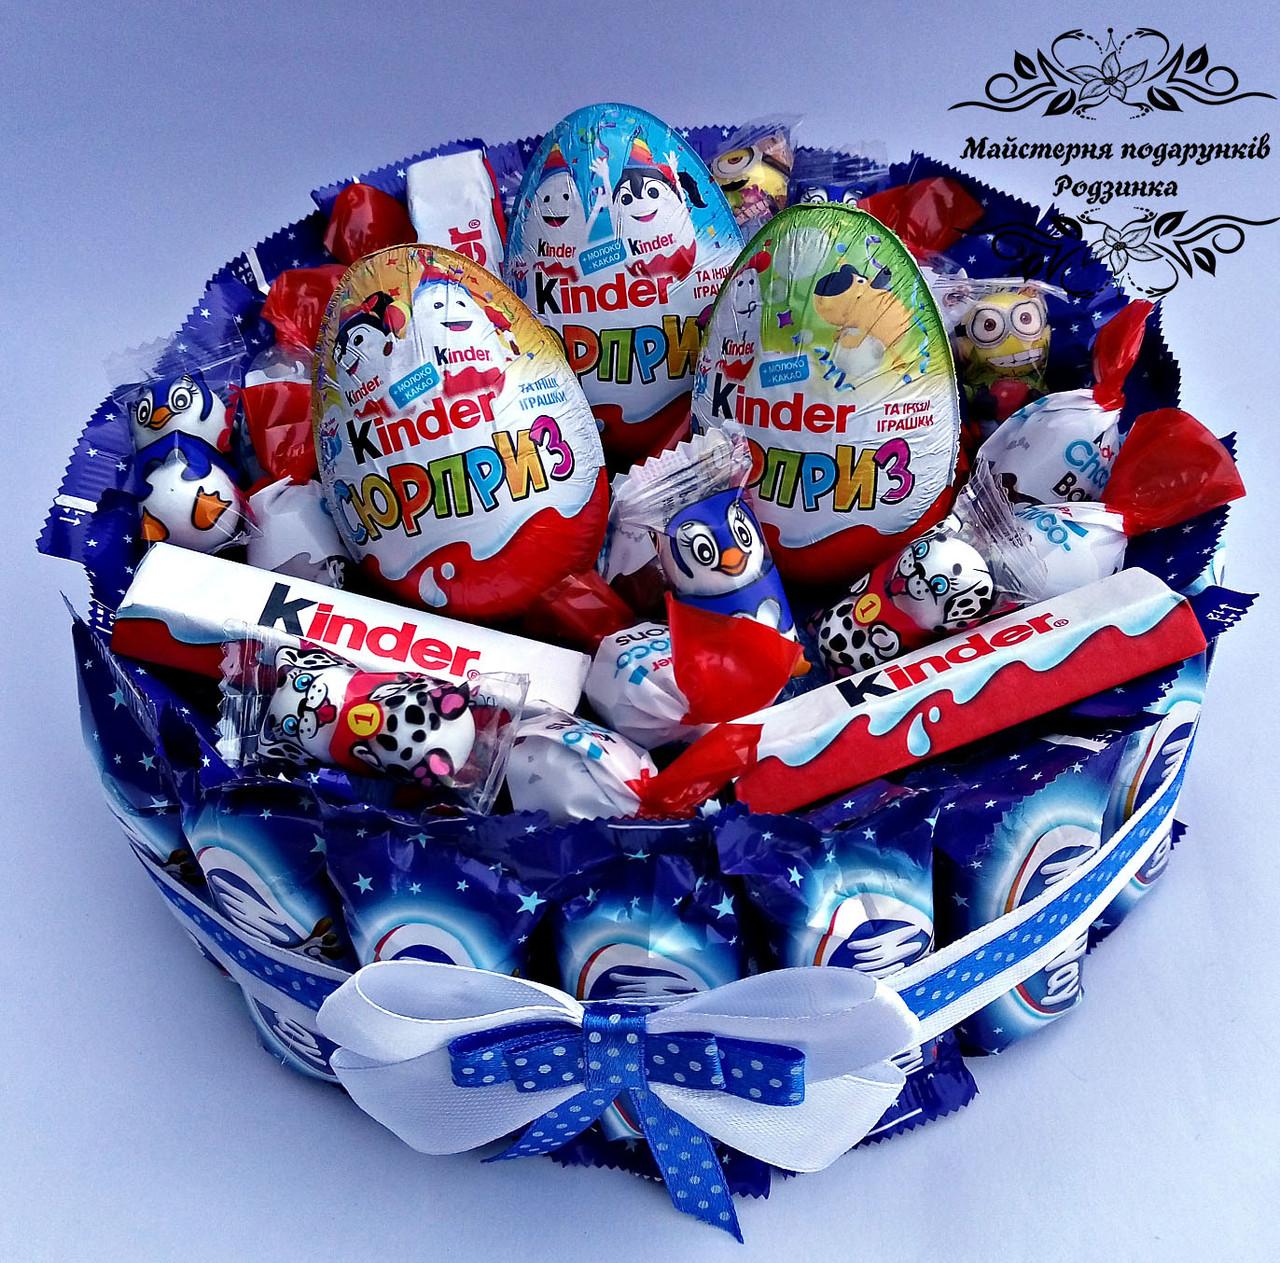 """Подарунки для дітей. Букет з цукерок """" Солодкий торт"""". Подарунок хлопчику, дівчинці, сину, донці"""